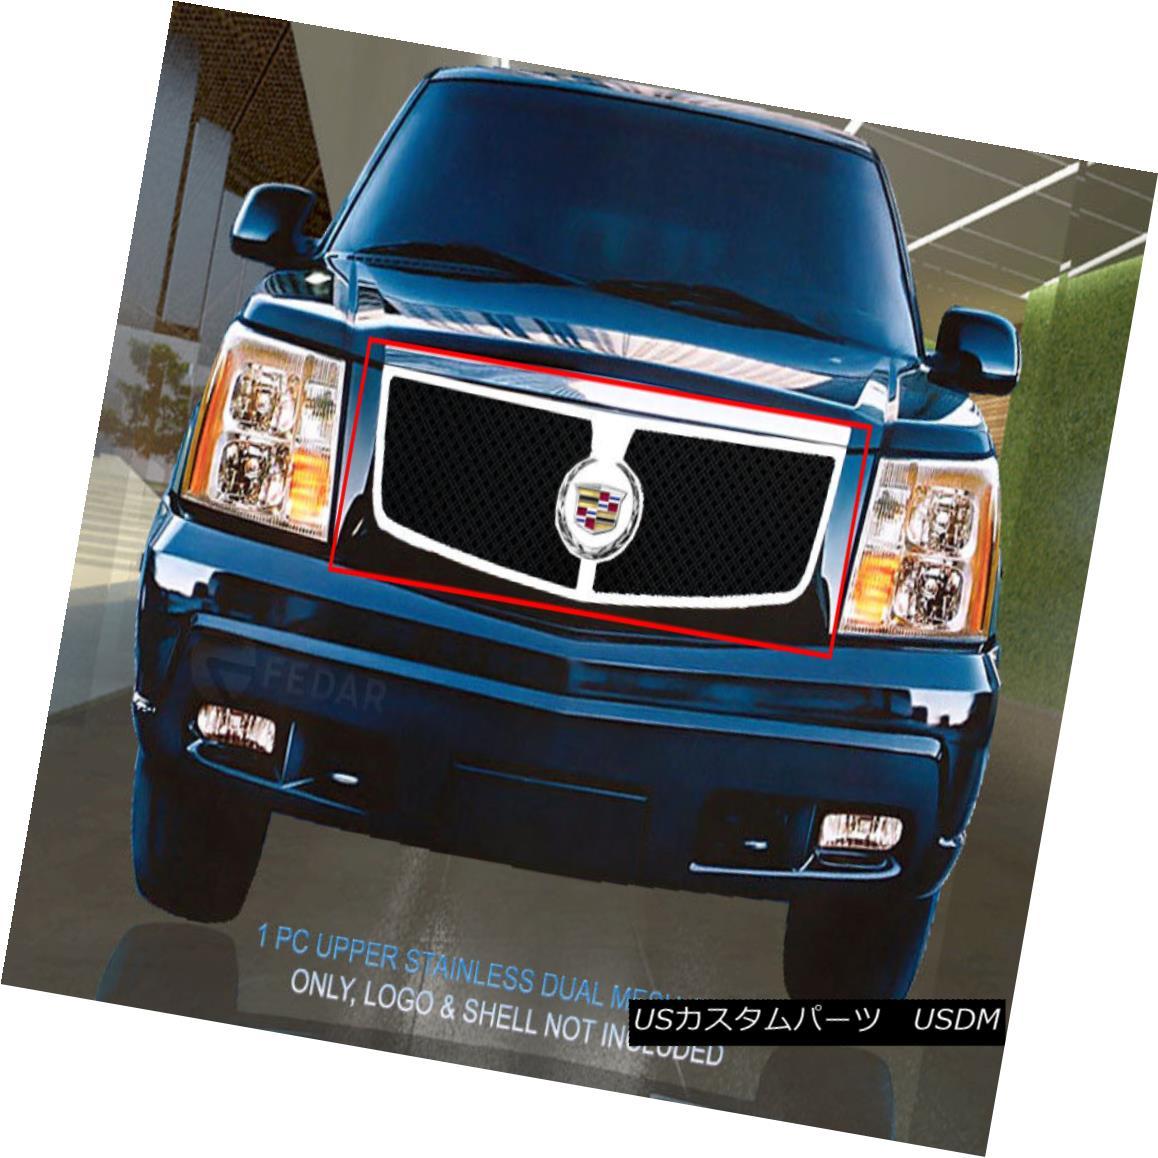 グリル 02-06 Cadillac Escalade Stainless Polished Frame Dual Black Mesh Grille Fedar 02-06キャデラック・エスカレードステンレス・ポリッシュ・フレームデュアル・ブラック・メッシュグリル・フェザー